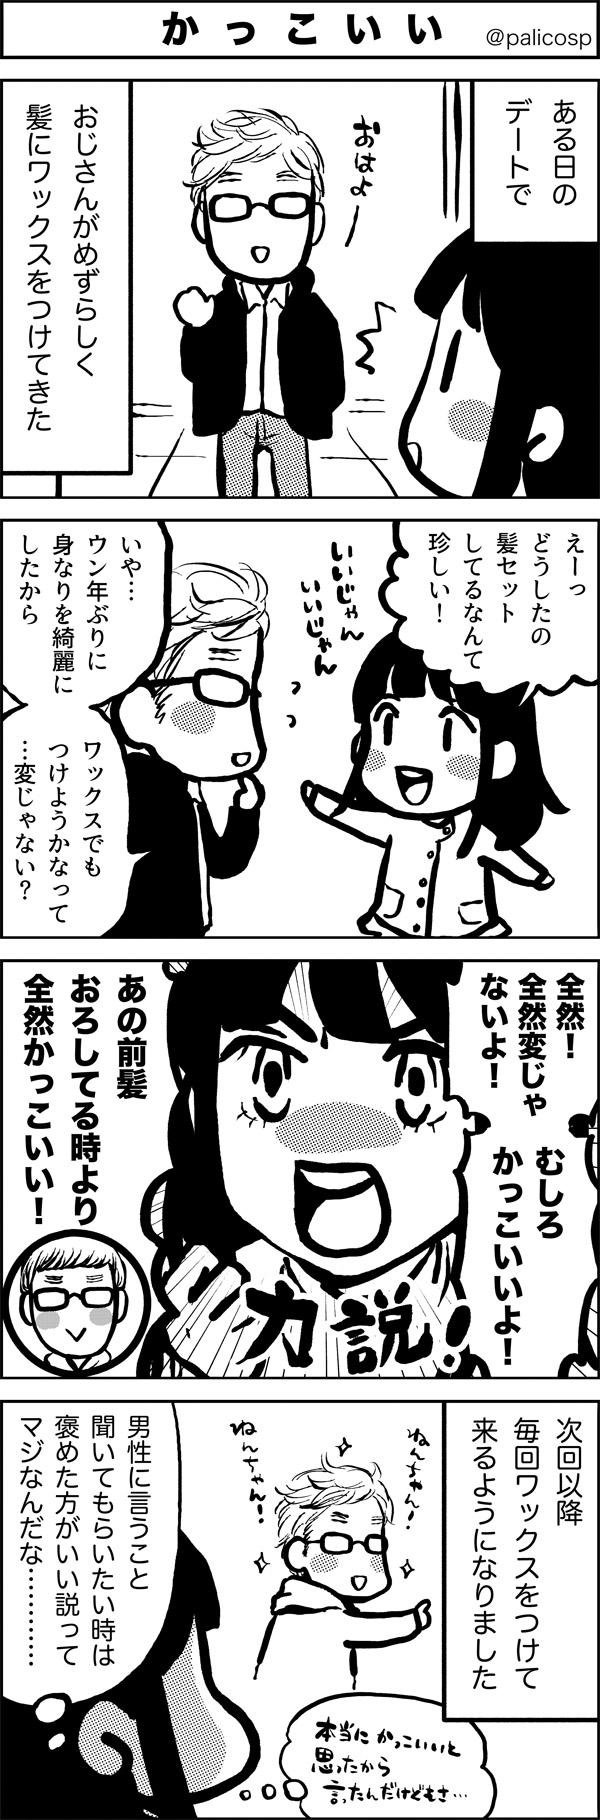 30代不器用恋愛4コマ漫画】おじさんとねんちゃん。104「かっこいい